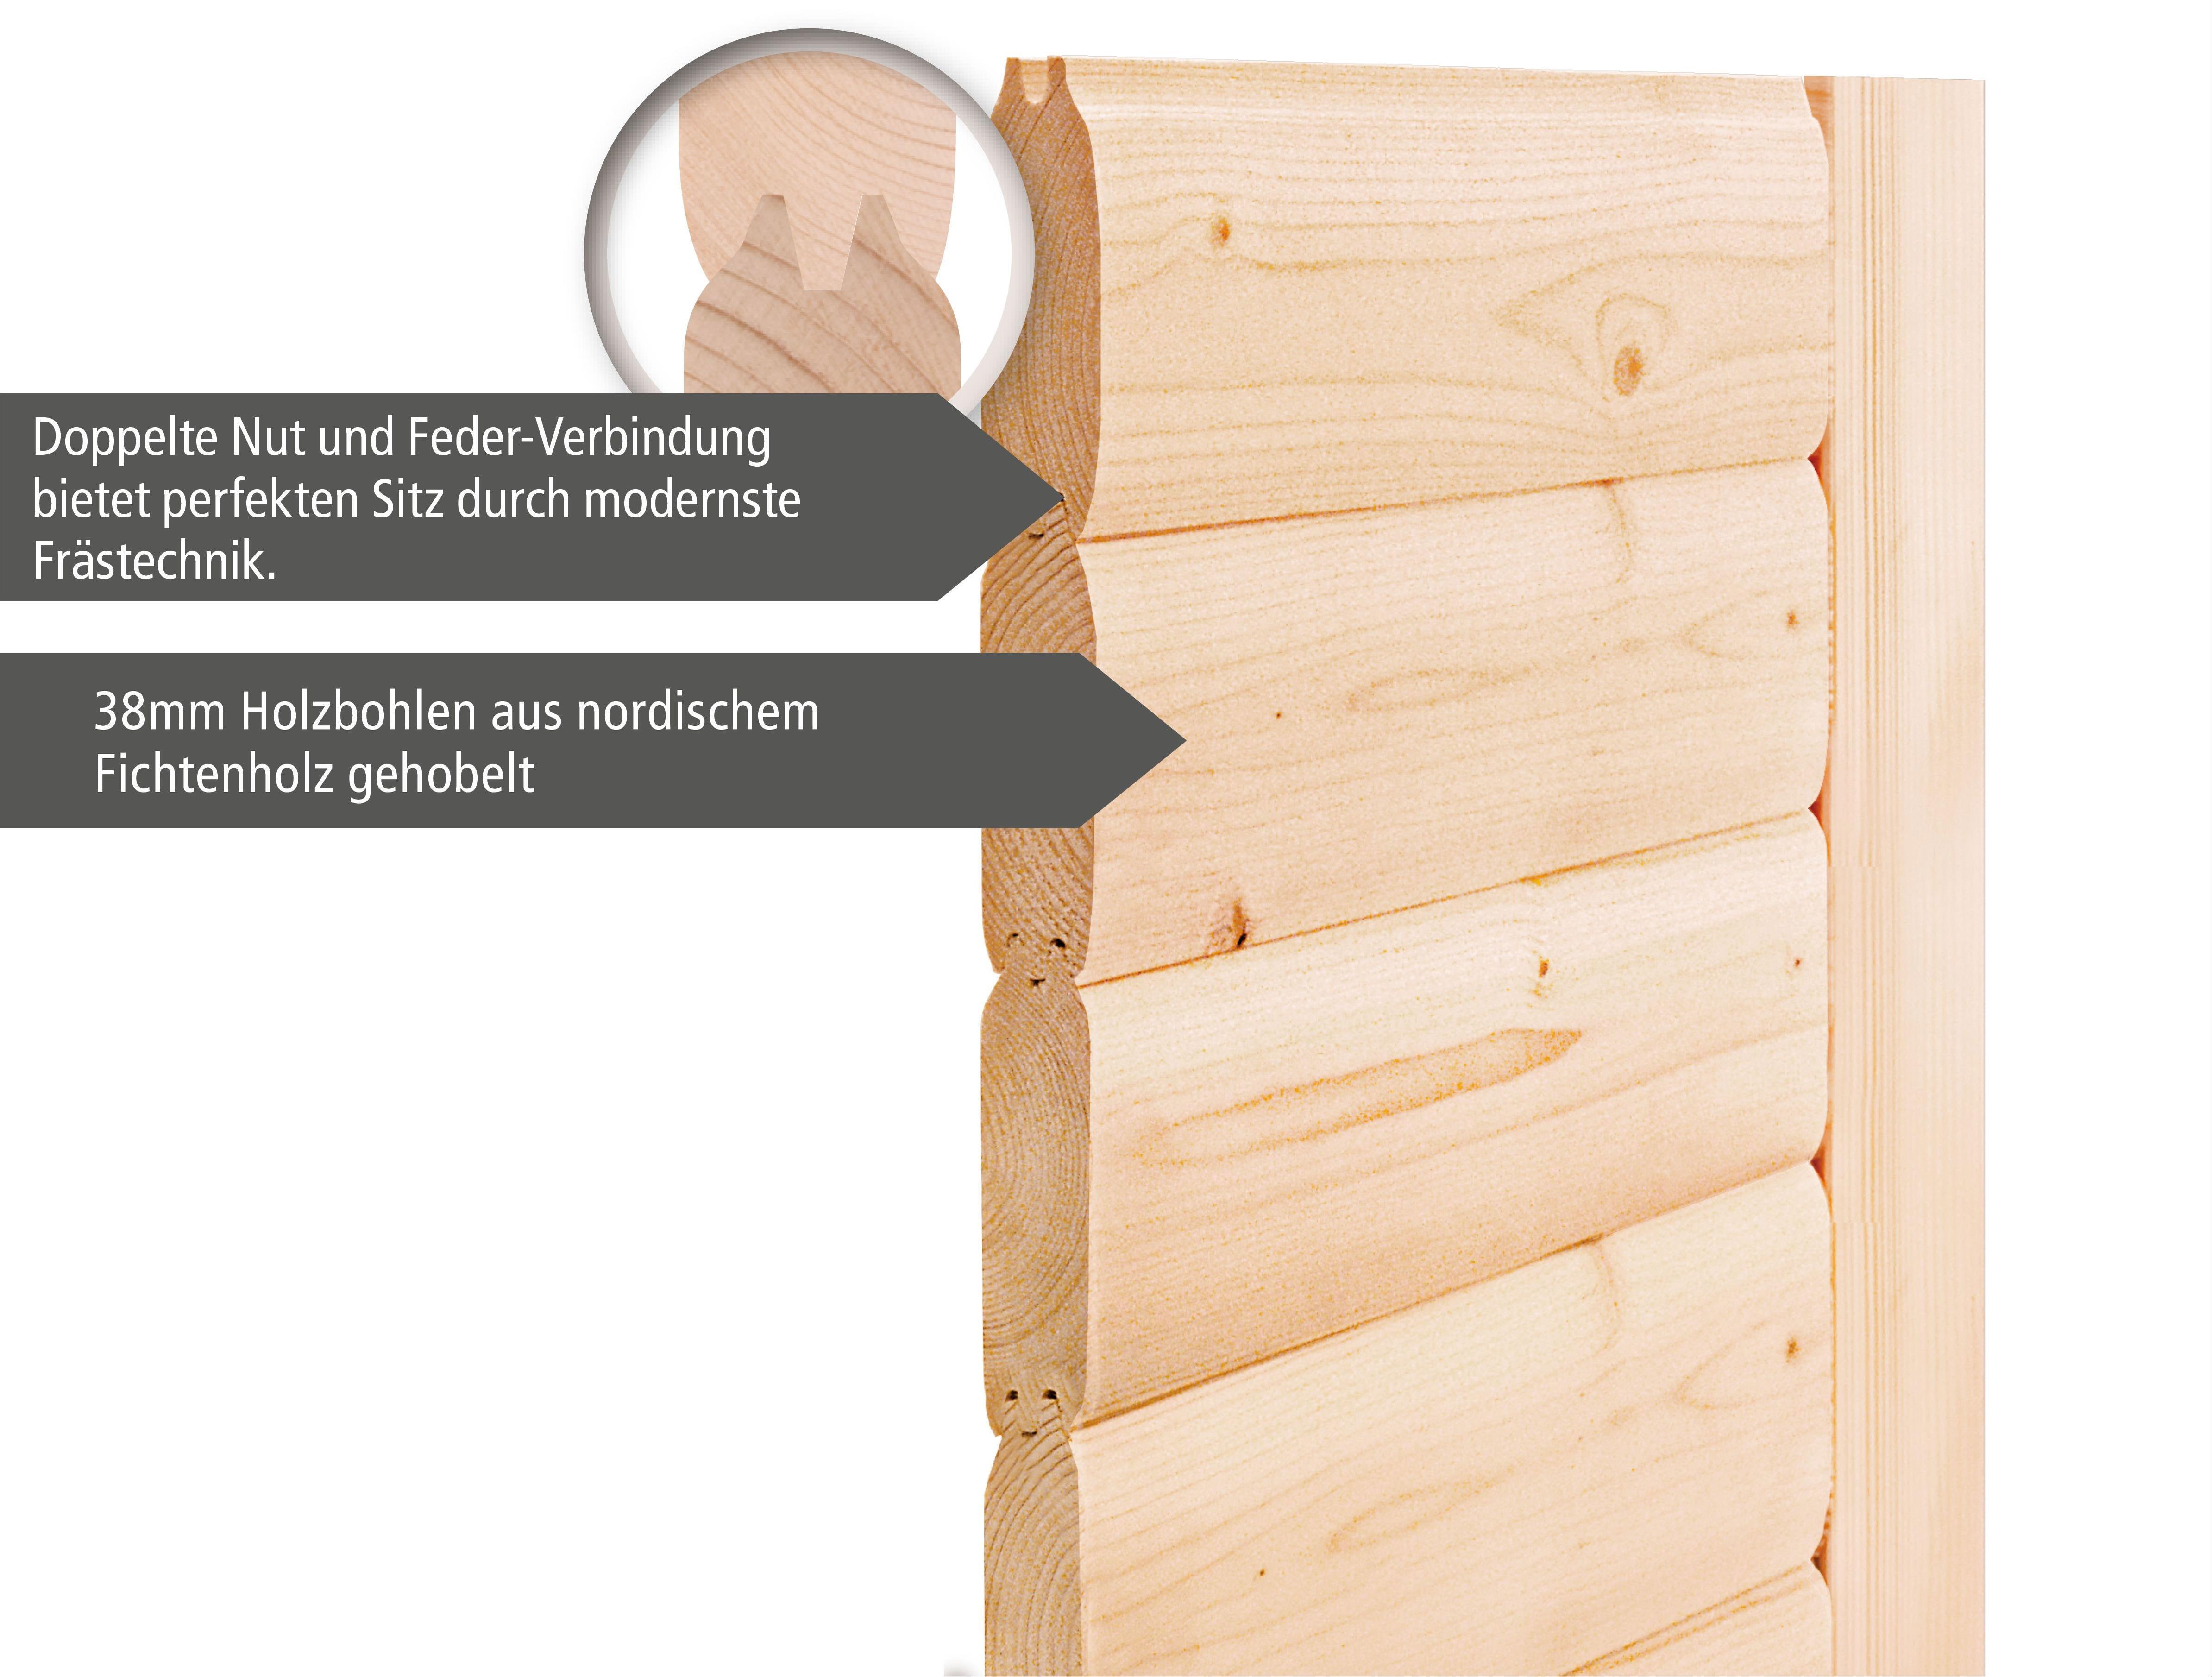 WoodFeeling Sauna Nina 38mm Saunaofen 9kW extern Kranz Classic Tür Bild 5